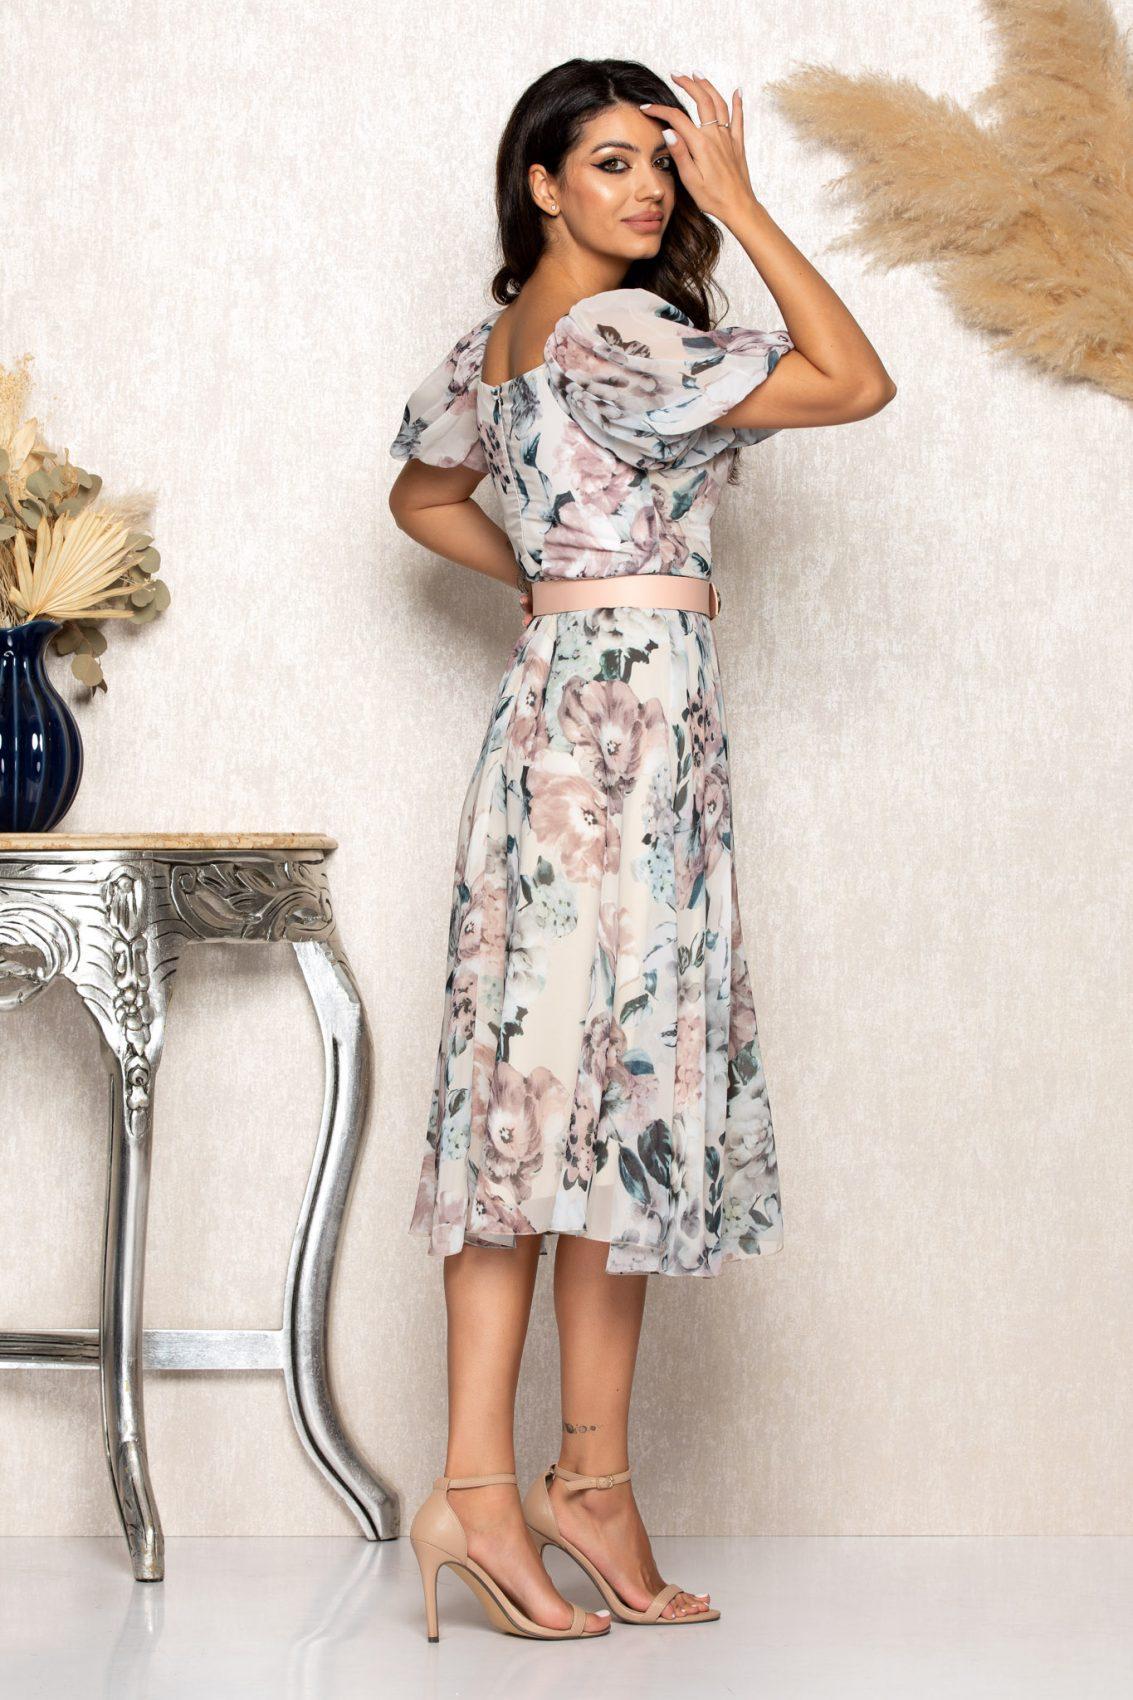 Nude Μίντι Φλοράλ Φόρεμα Emilly B110 2